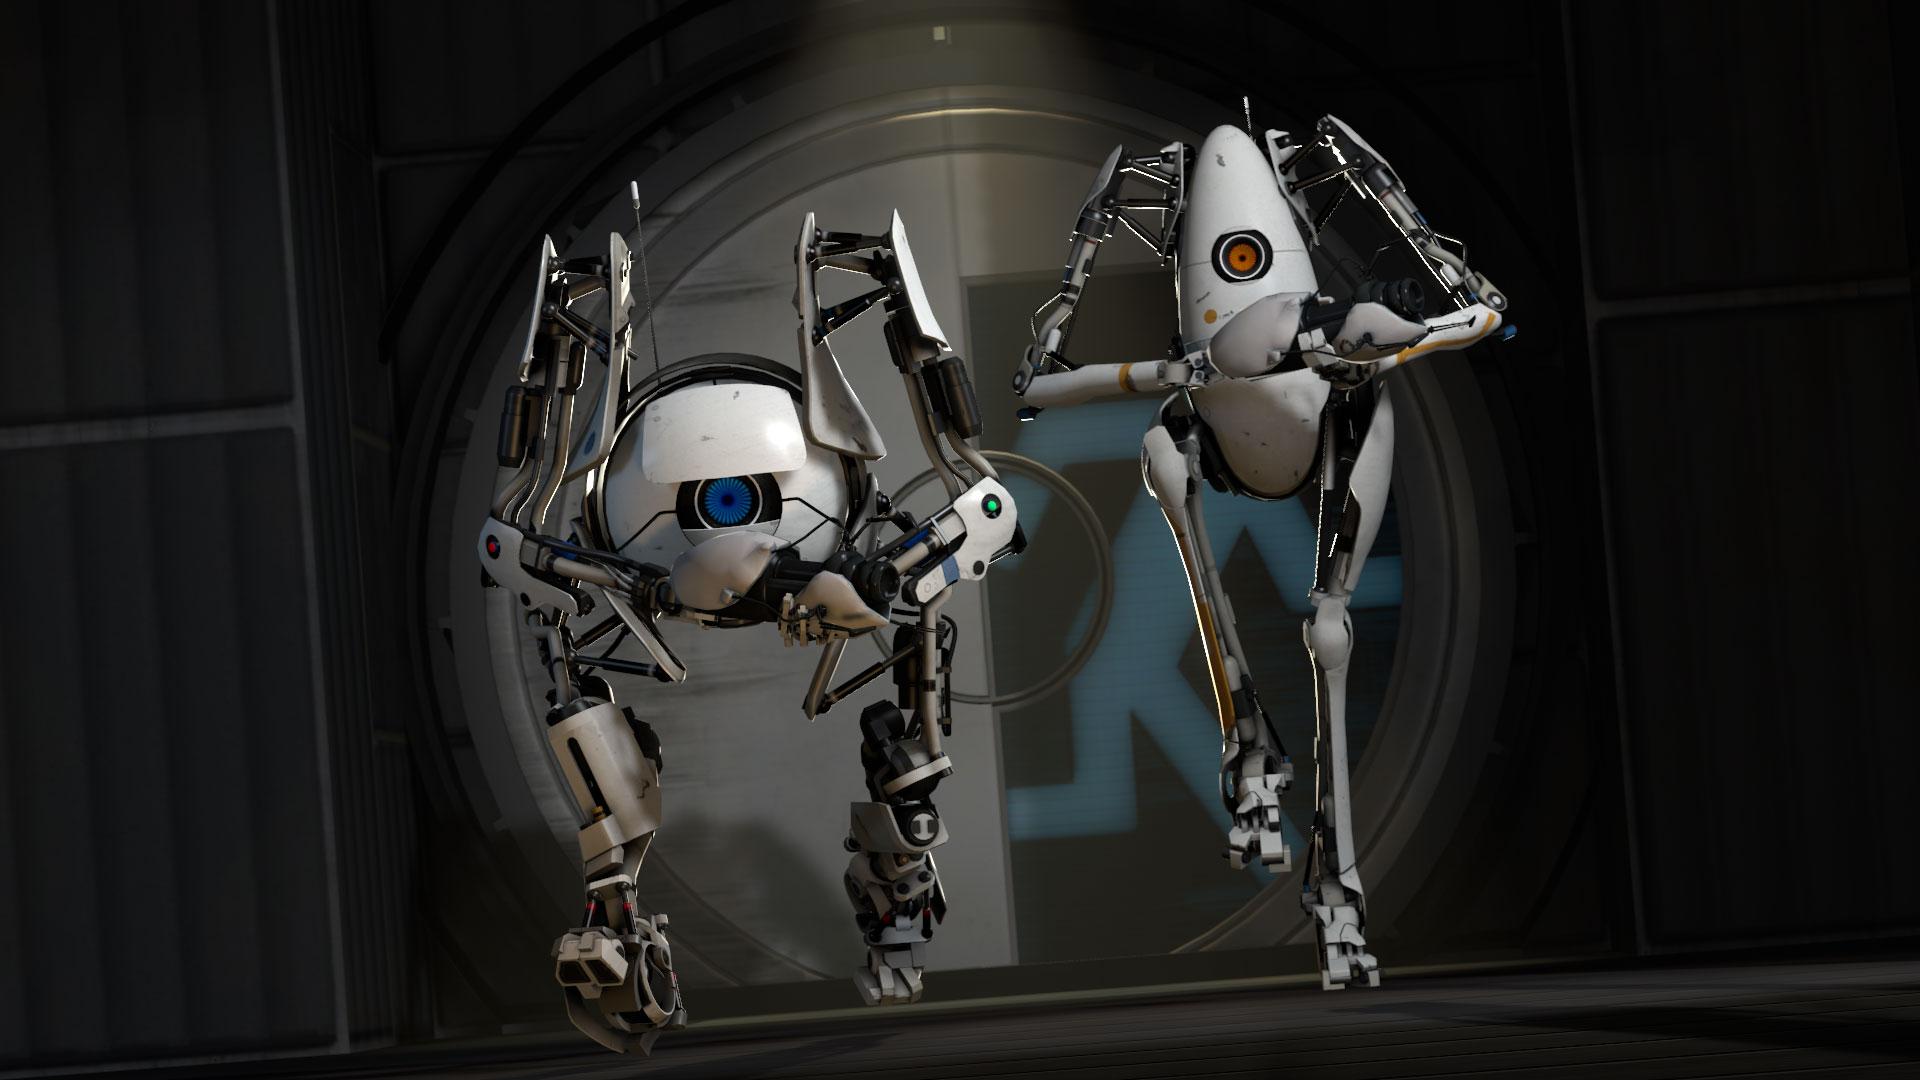 Más gameplay de Portal 2 directo desde PAX 2011 [Handycam]